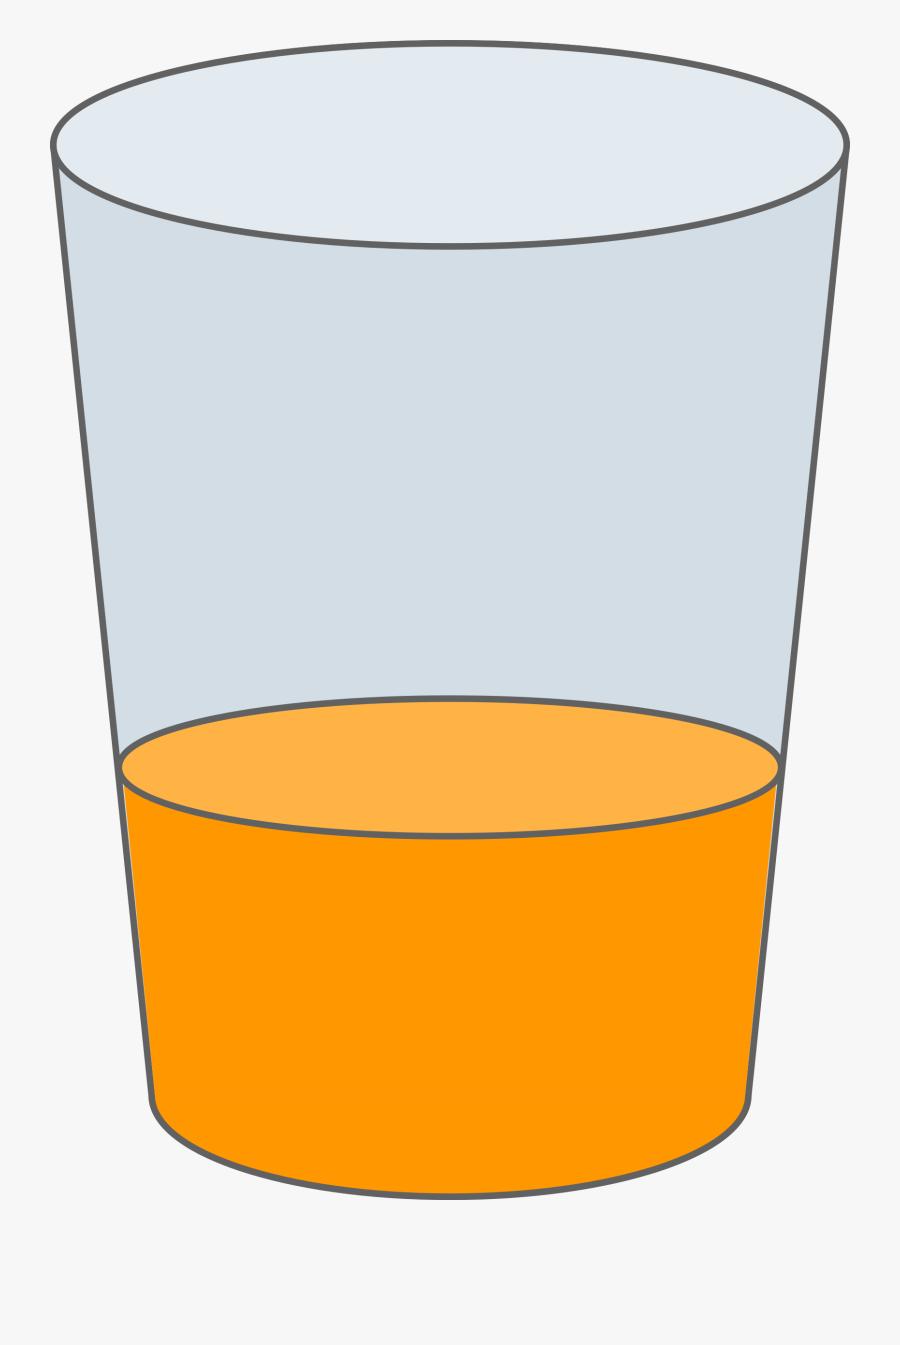 Oranje Juice Glass Svg - Little Juice In Glass, Transparent Clipart